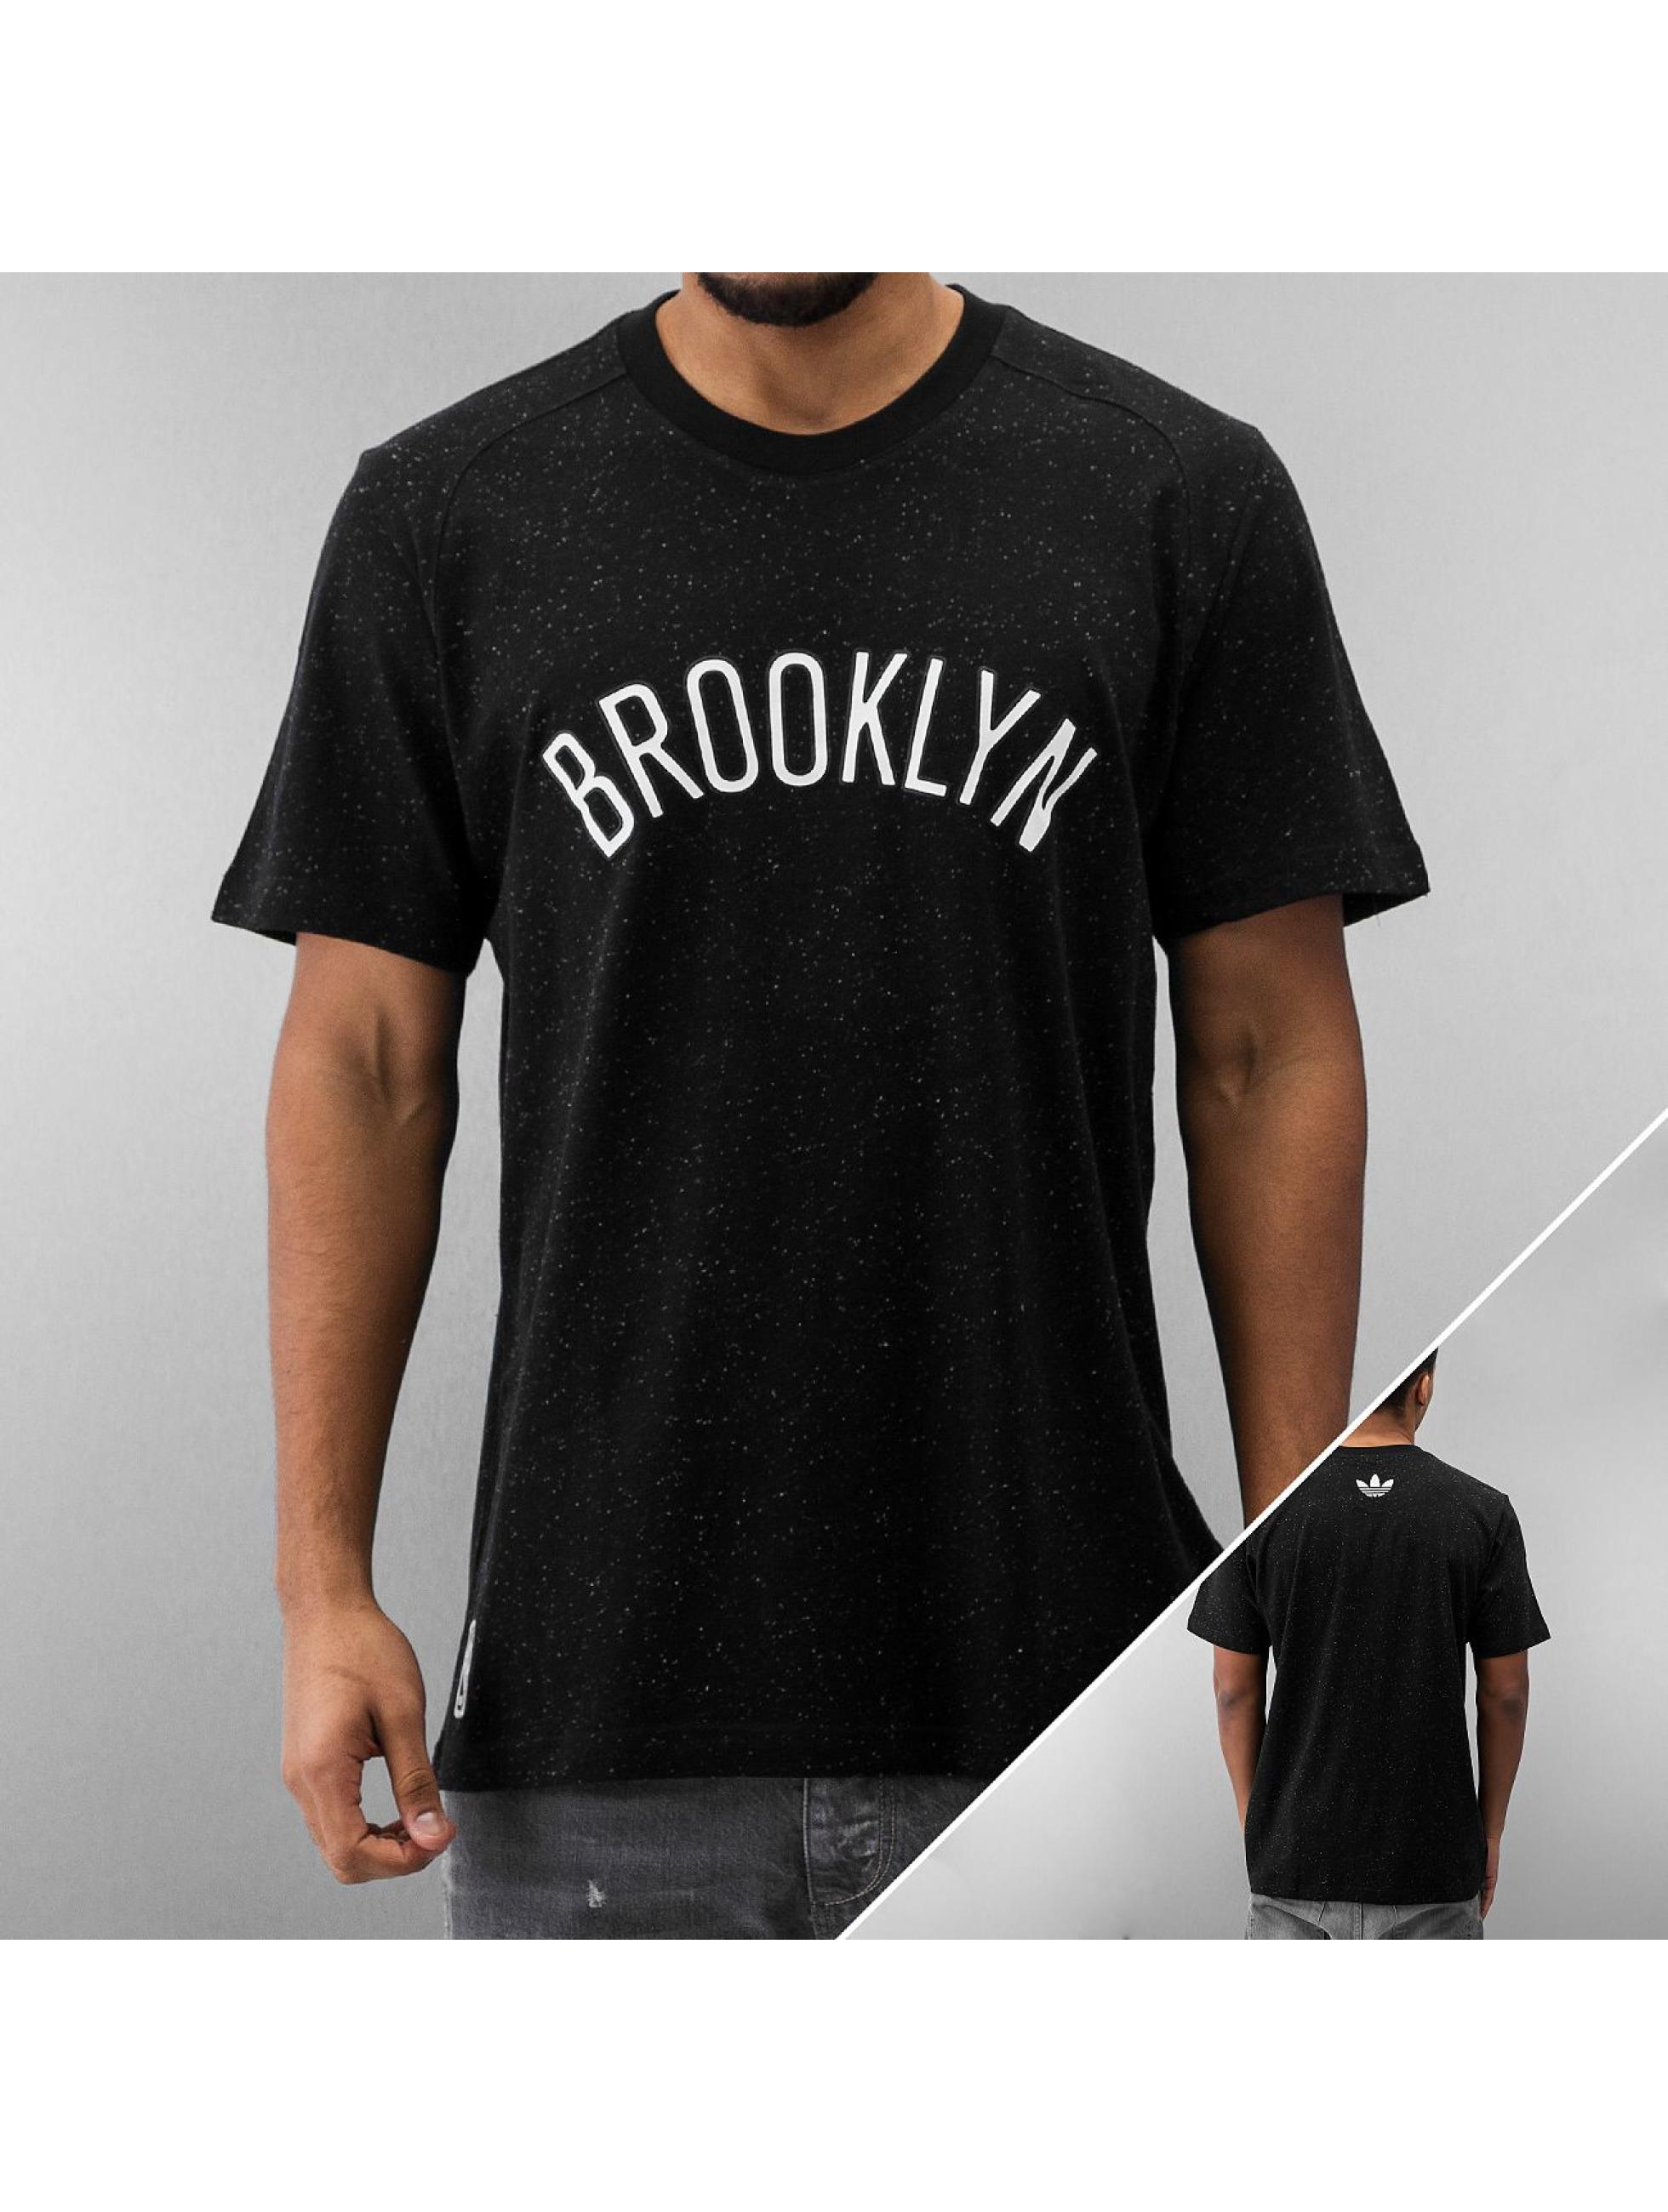 adidas brooklyn shirt